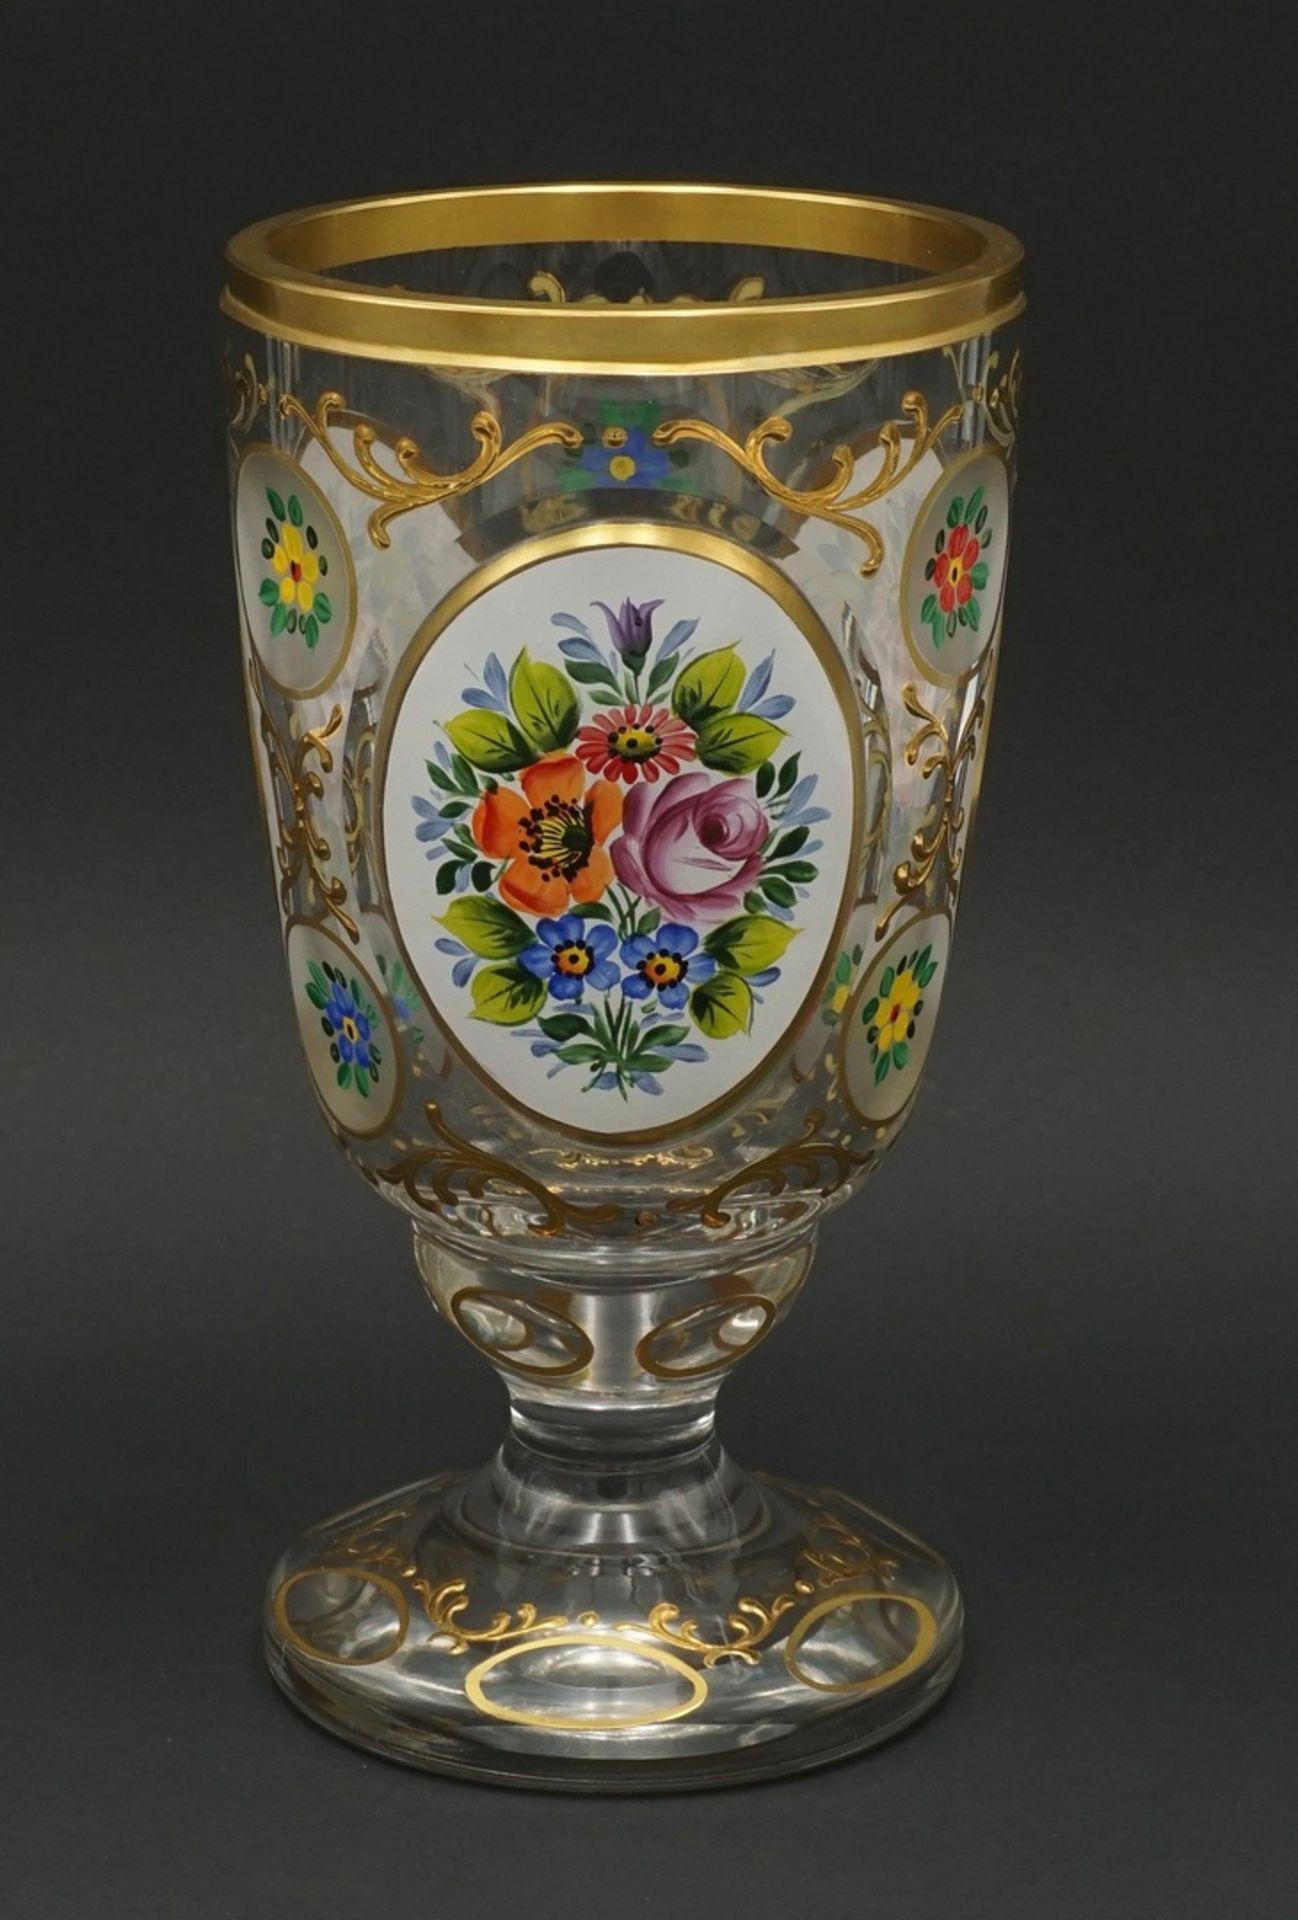 Ranftglas mit Emaillemalerei, 20. Jh.